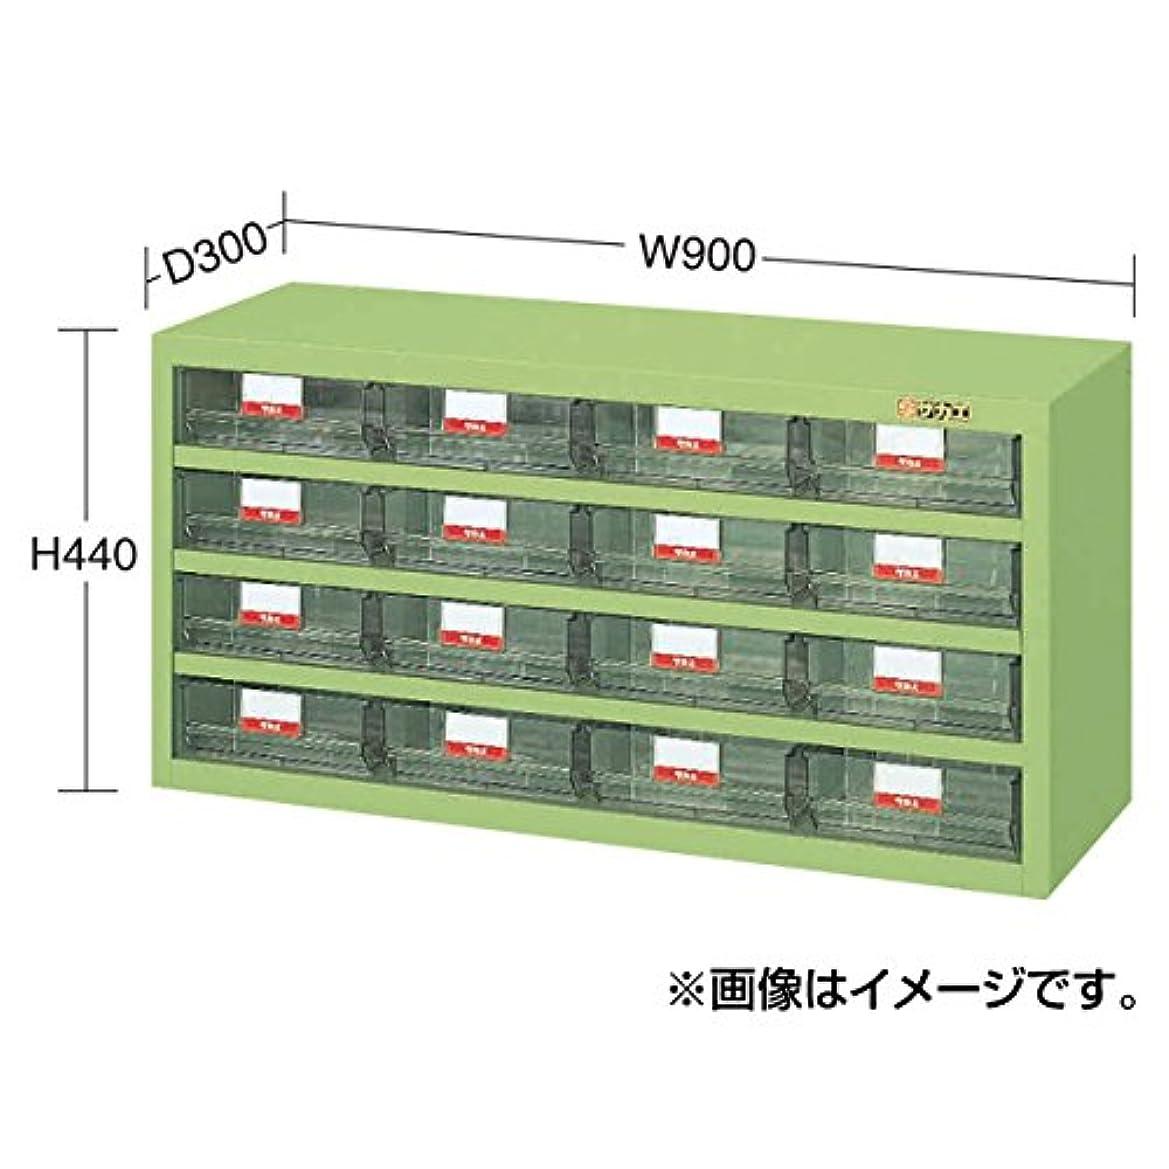 逆ルール再開SAKAE ハニーケース 樹脂ボックス 大16 900×300×440 アイボリー HFW-16TI